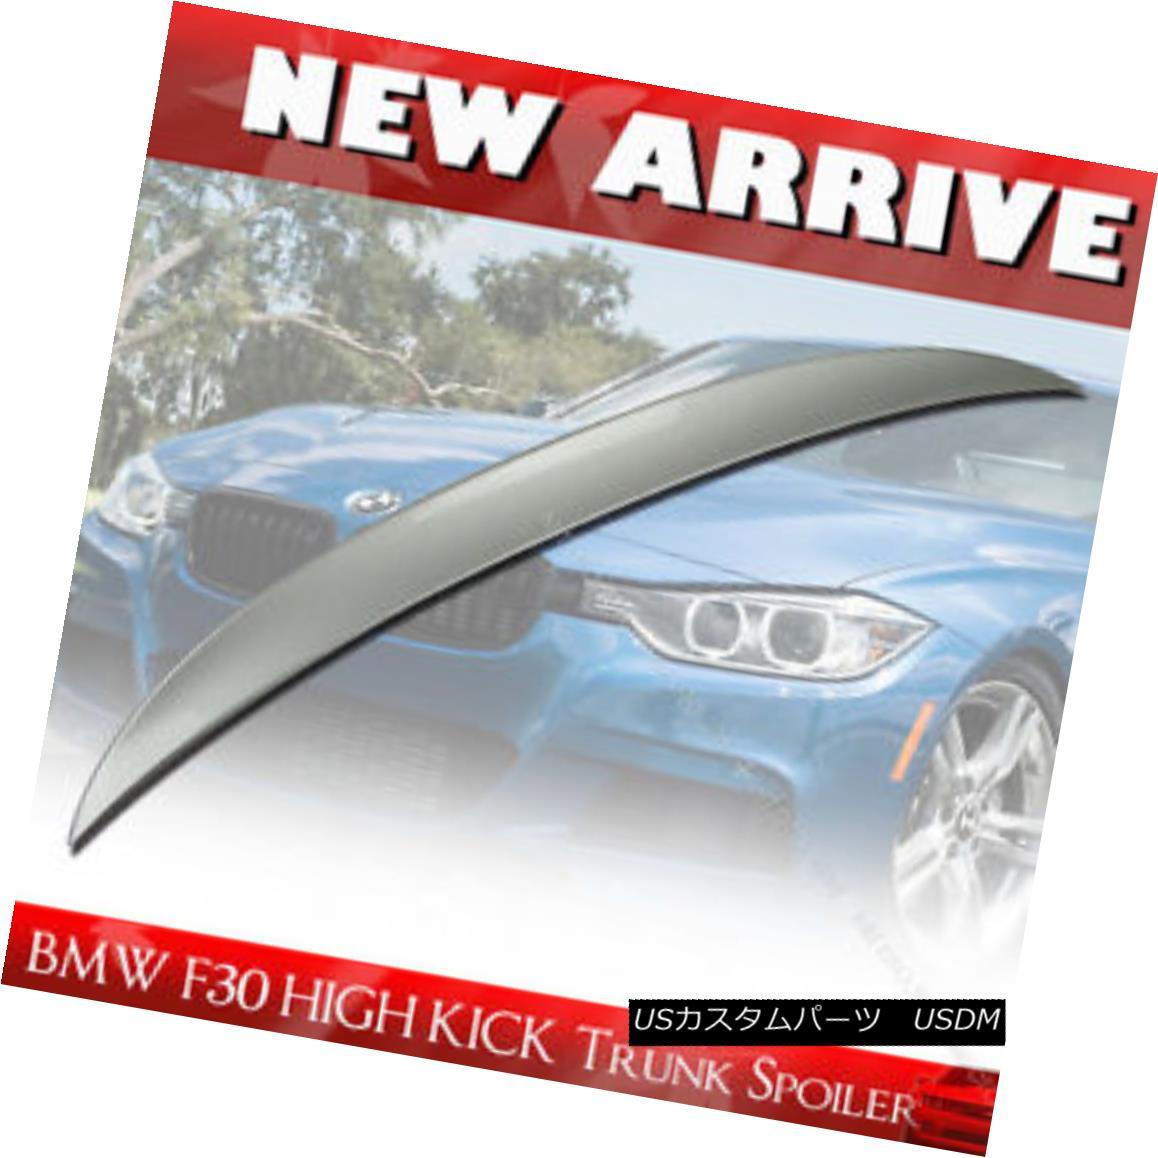 エアロパーツ Painted Performance Type Trunk Spoiler for BMW 3ER F30 HIGH KICK REAR WING BMW 3ER F30 HIGH KICKリアウイング用ペイントされたパフォーマンスタイプのトランク・スポイラー